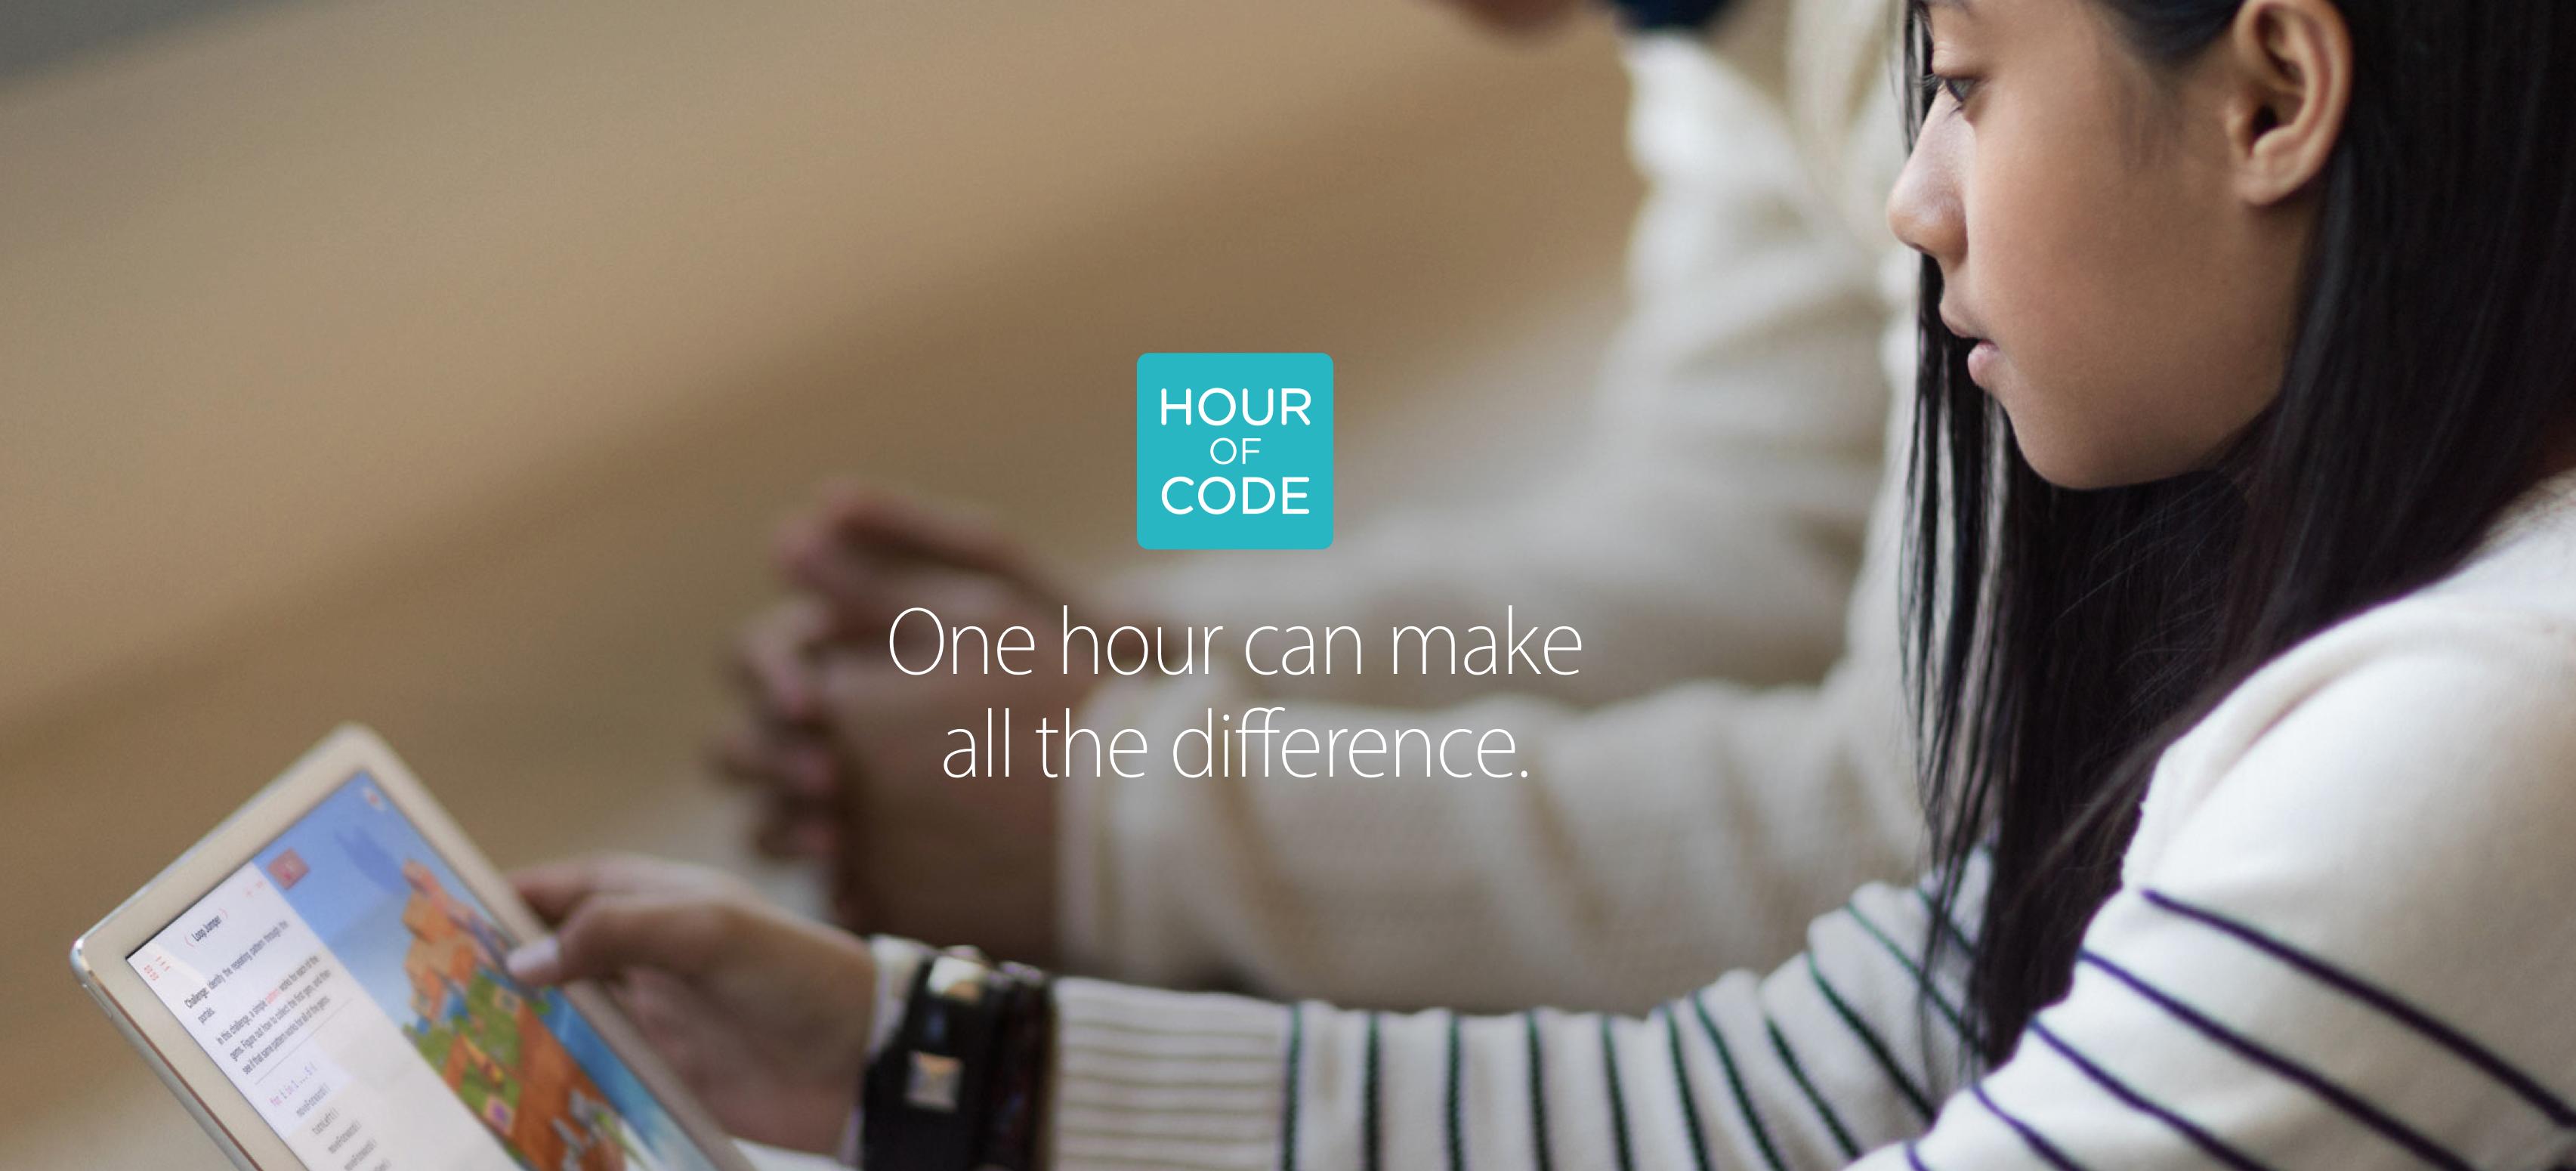 Kostenlose Hour of Code-Workshops vom 5. bis 11. Dezember in jedem Apple Store.